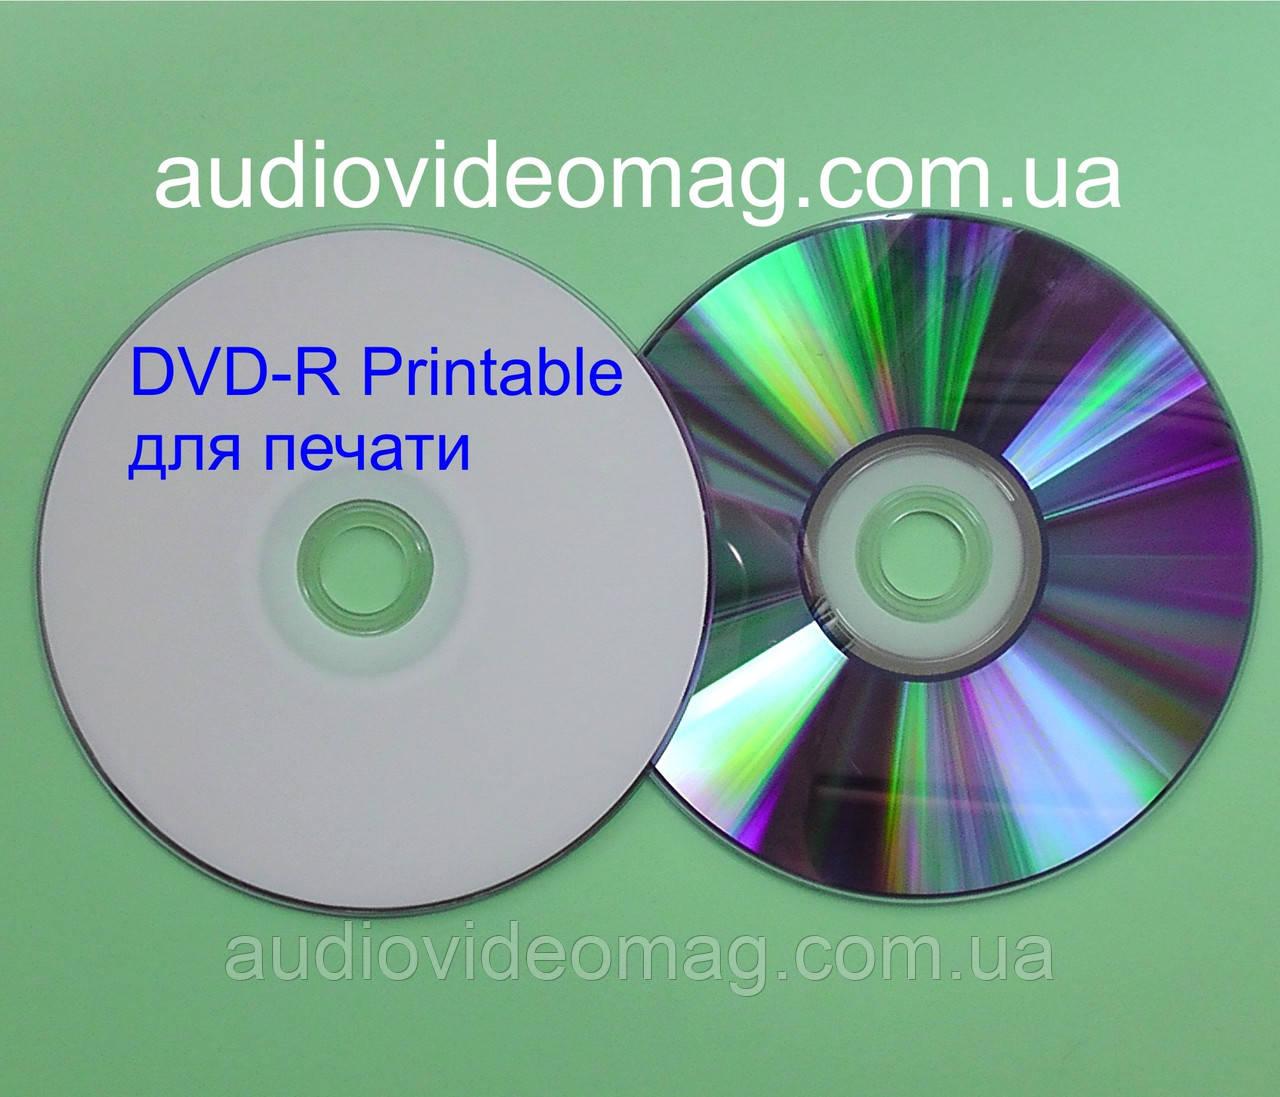 Диск DVD-R Printable (для друку) 4,7 Gb 16x